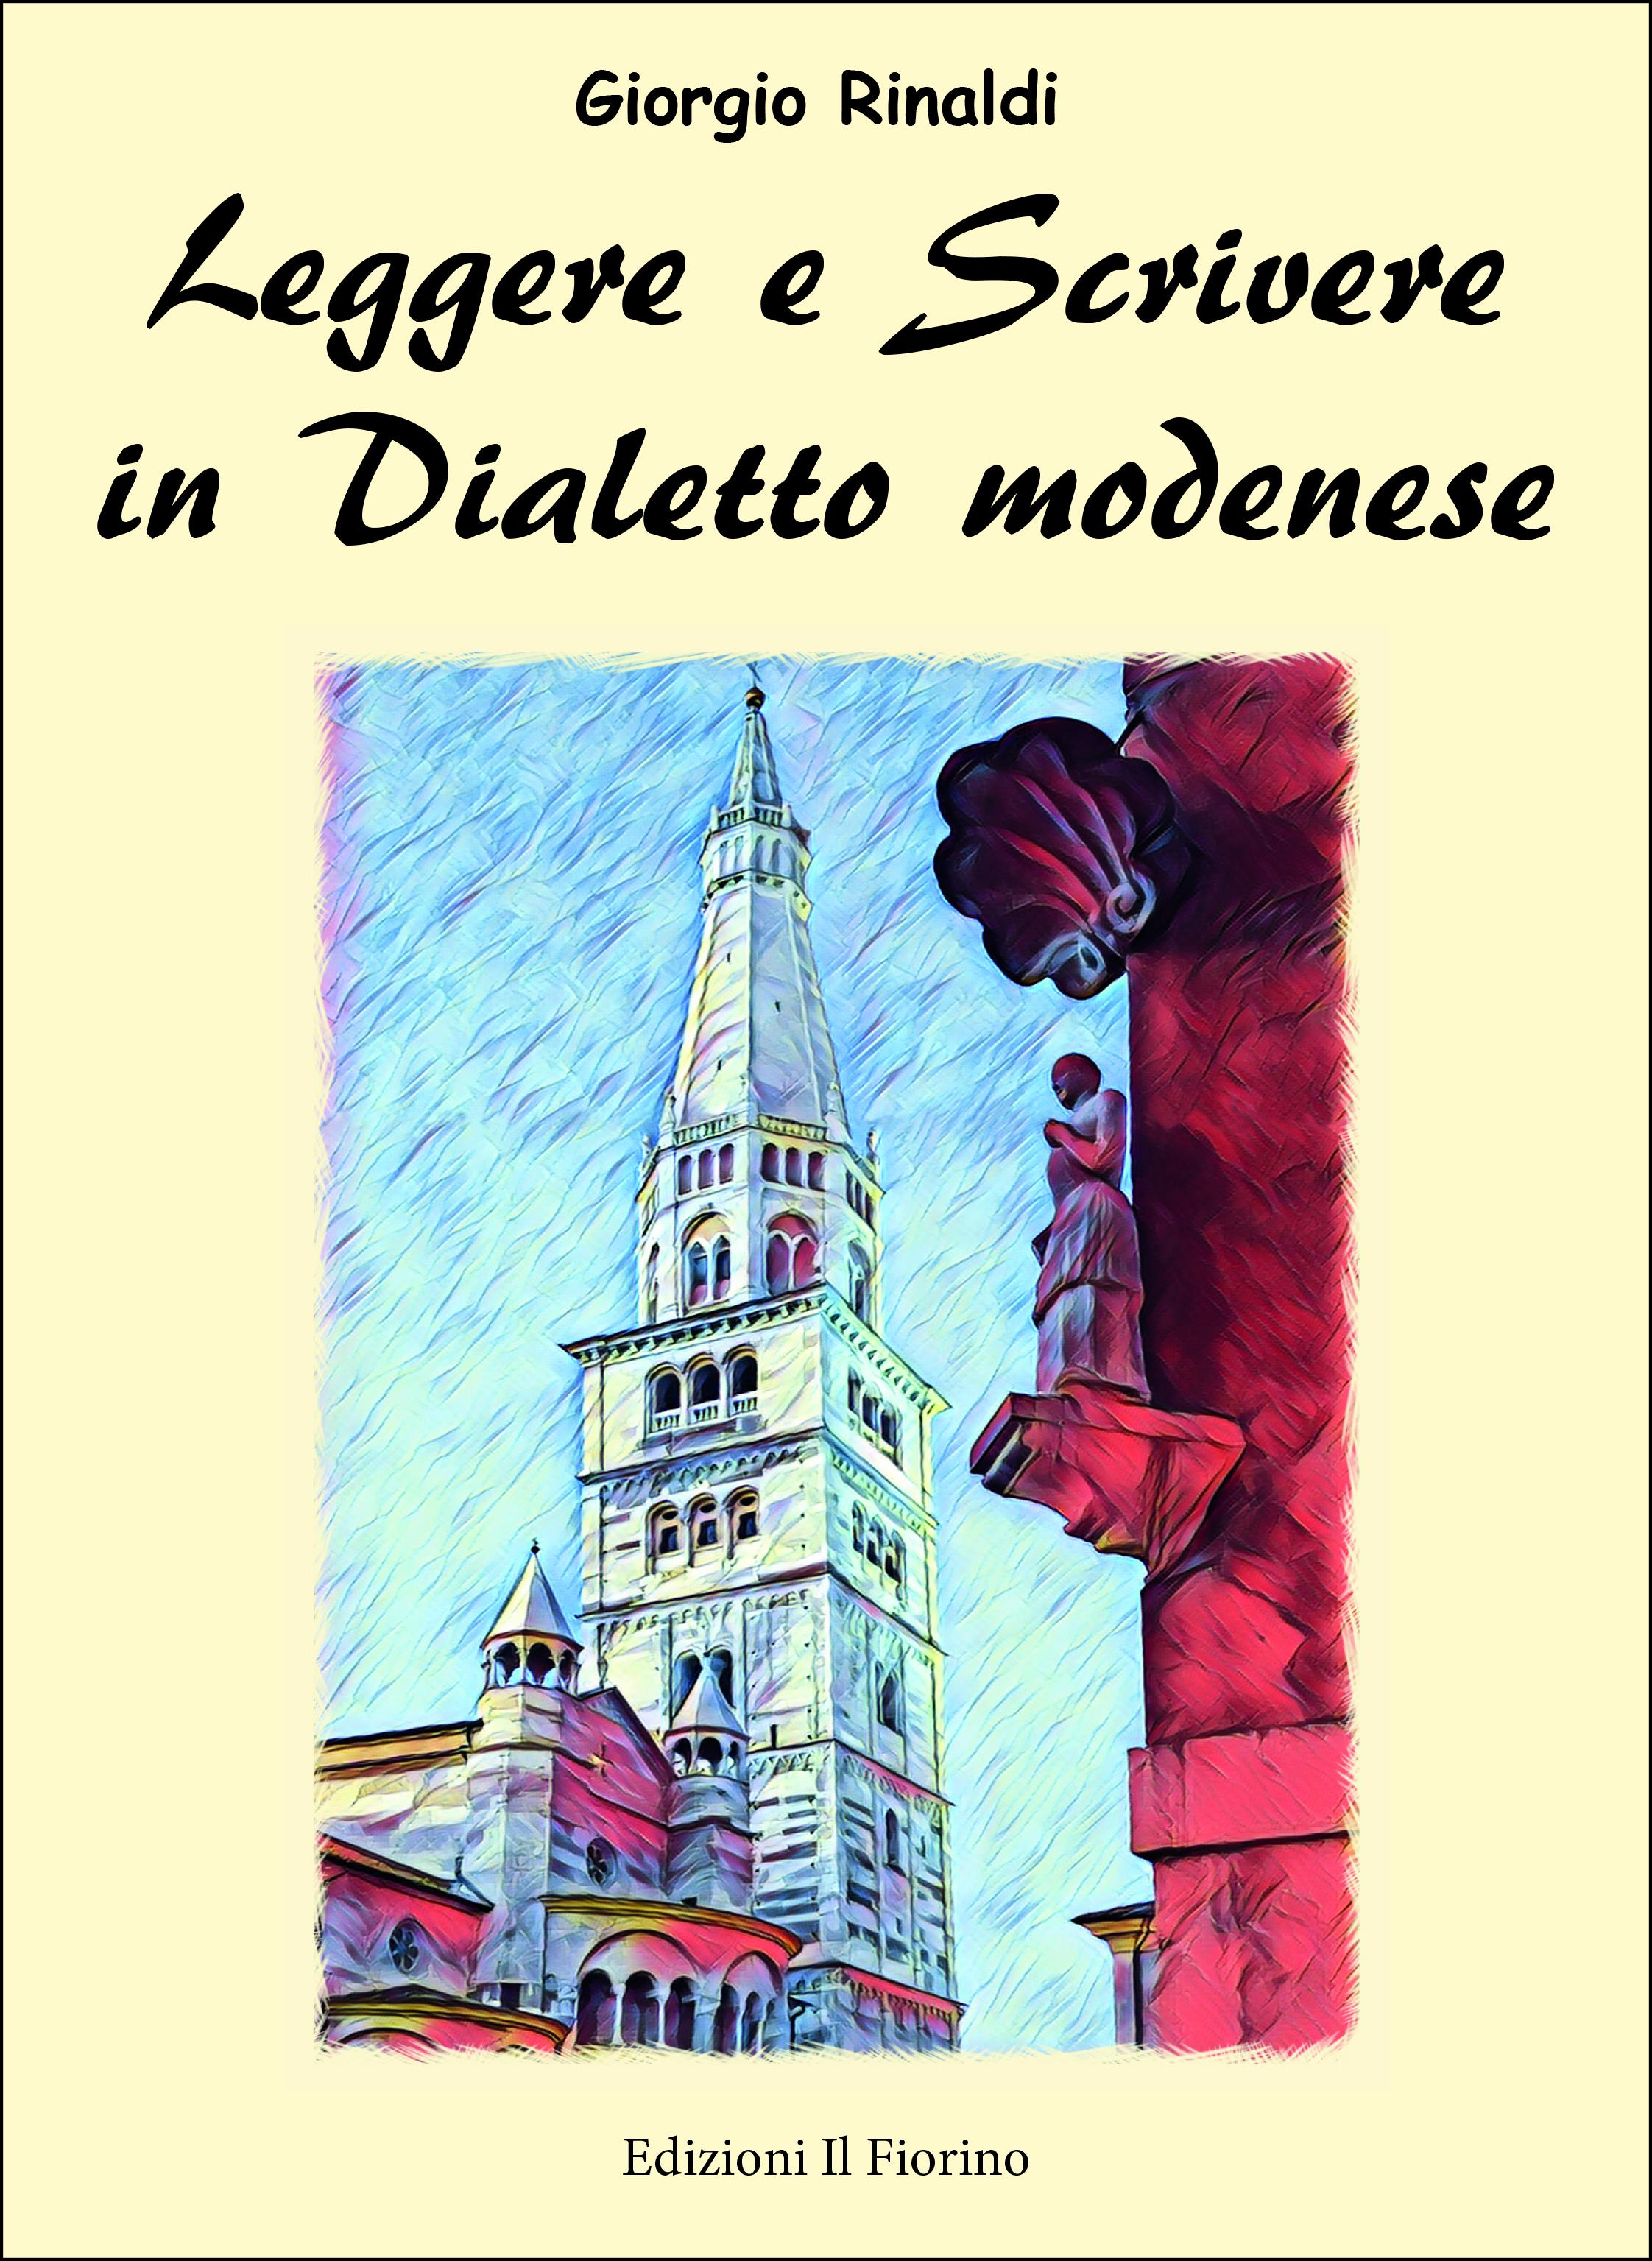 CORSO DI DIALETTO MODENESE